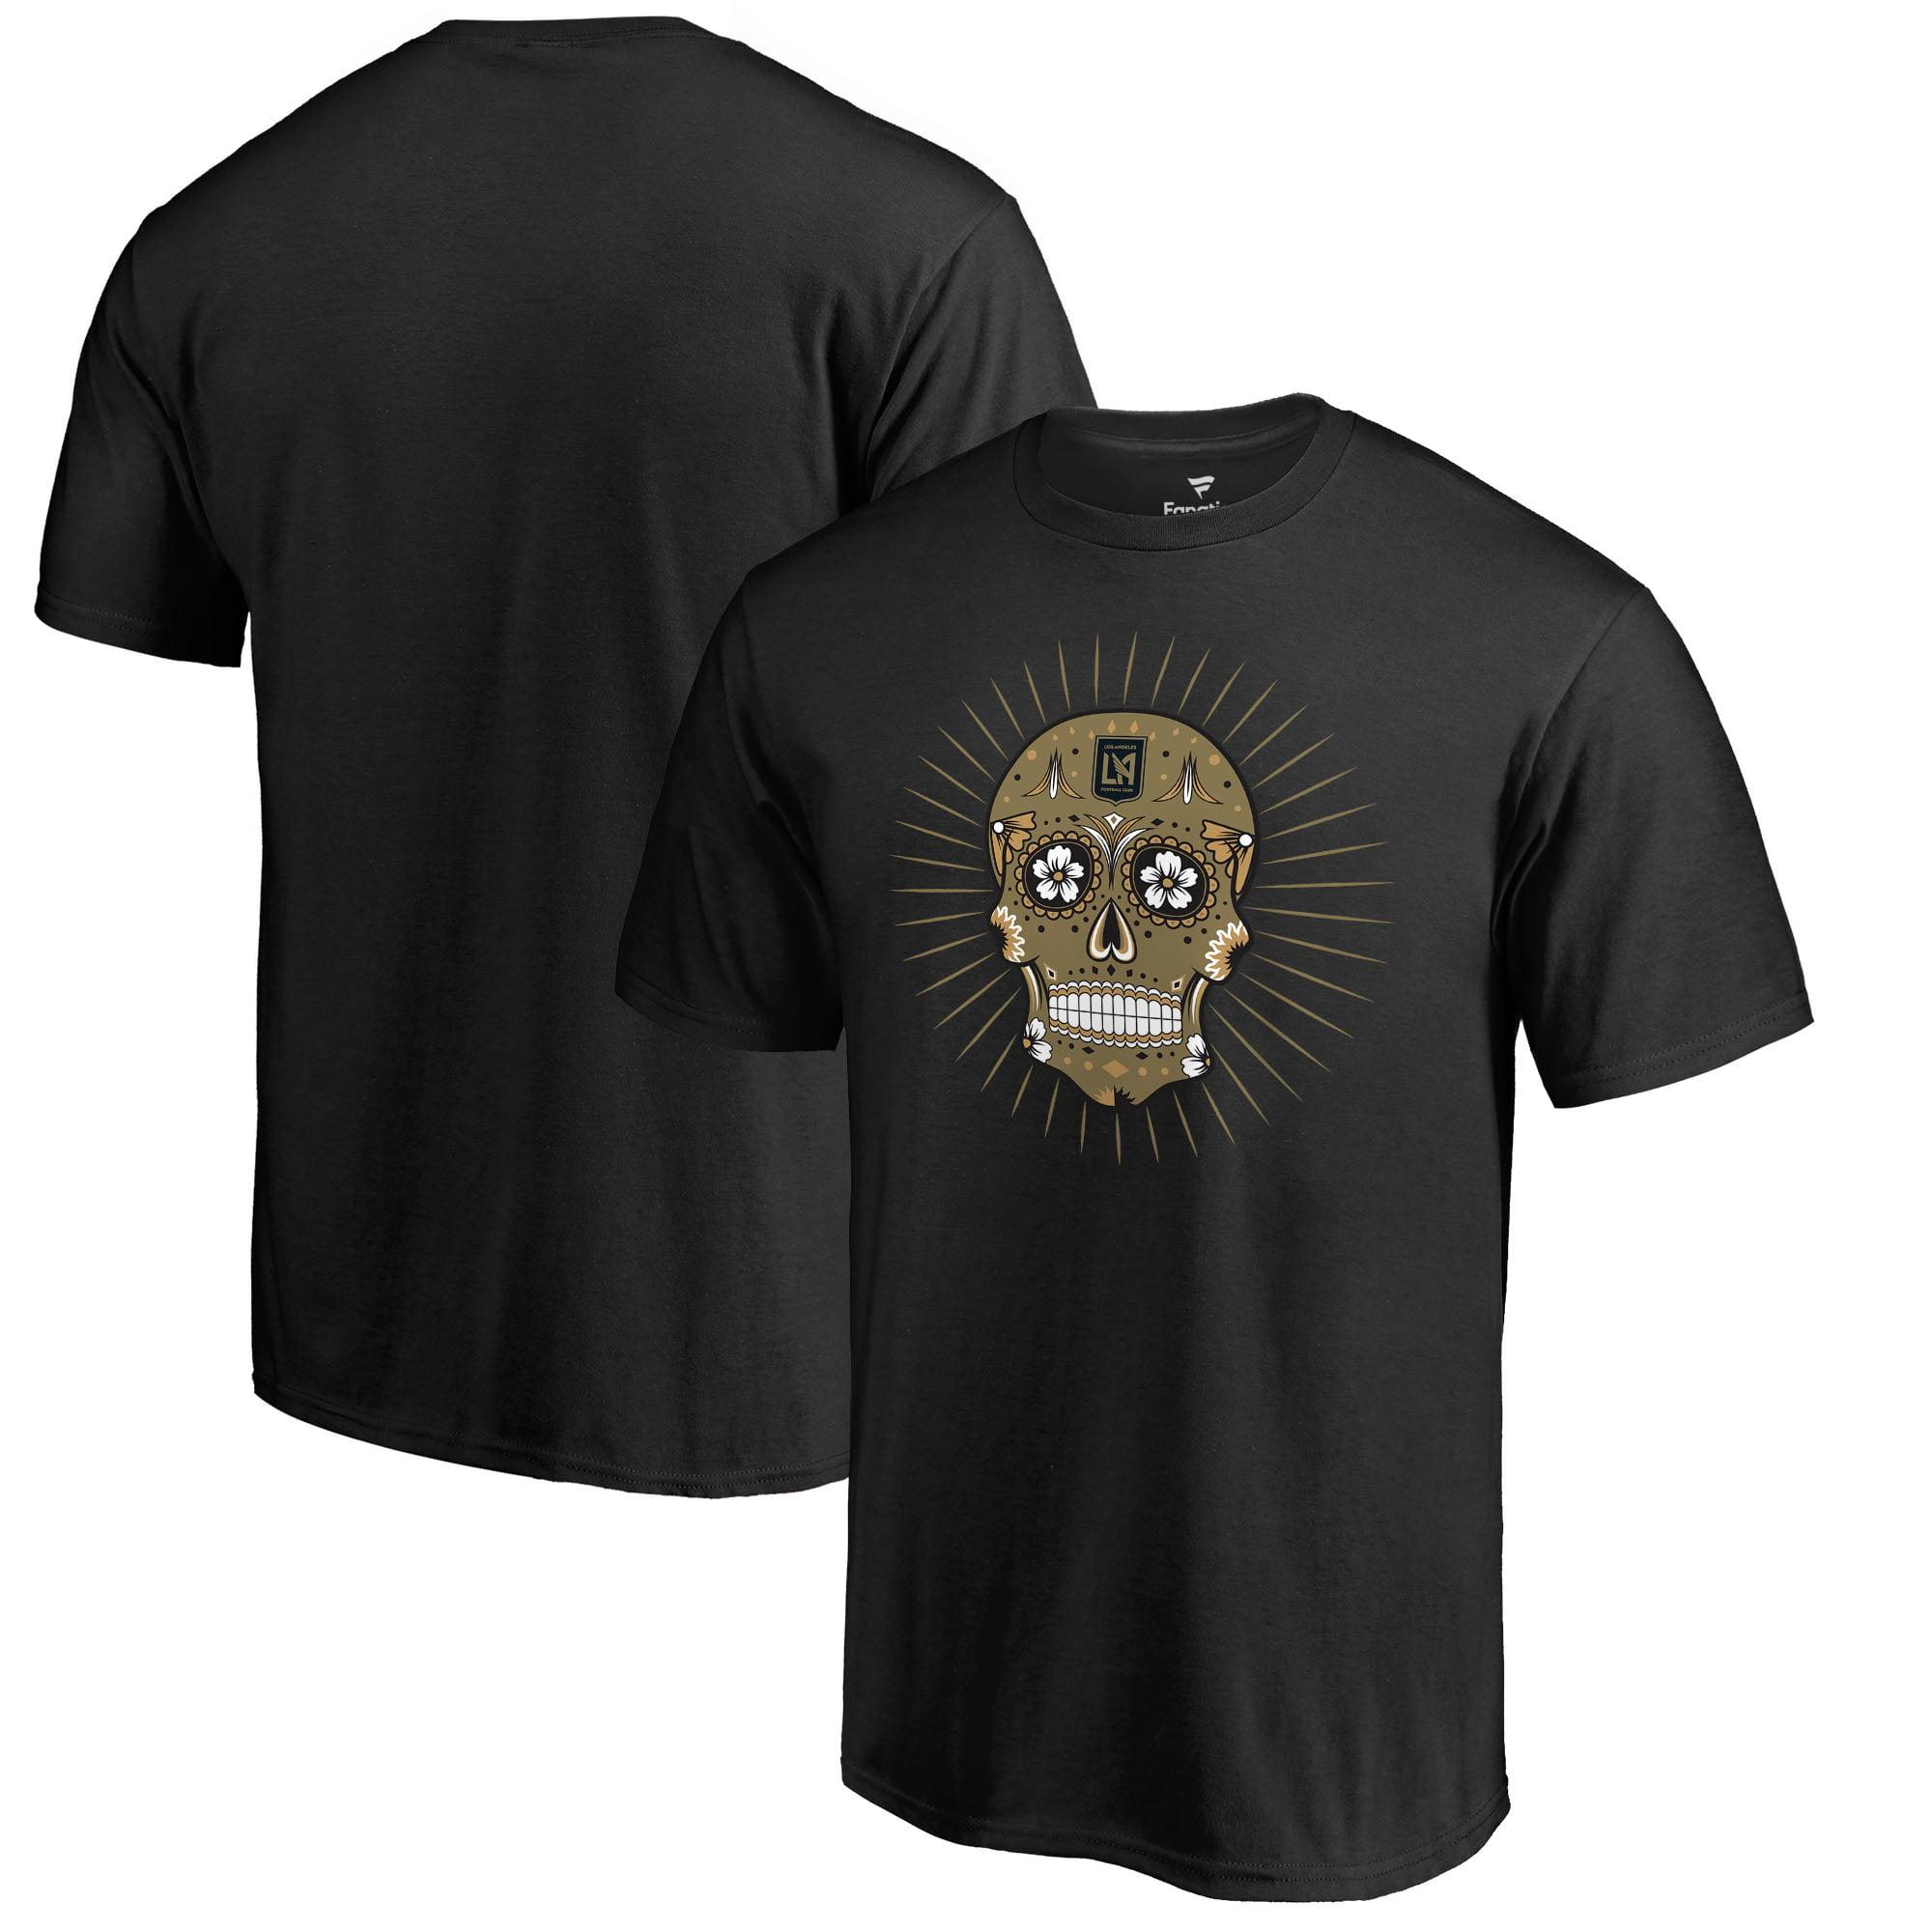 LAFC Fanatics Branded Hispanic Heritage Viva T-Shirt T-Shirt - Black